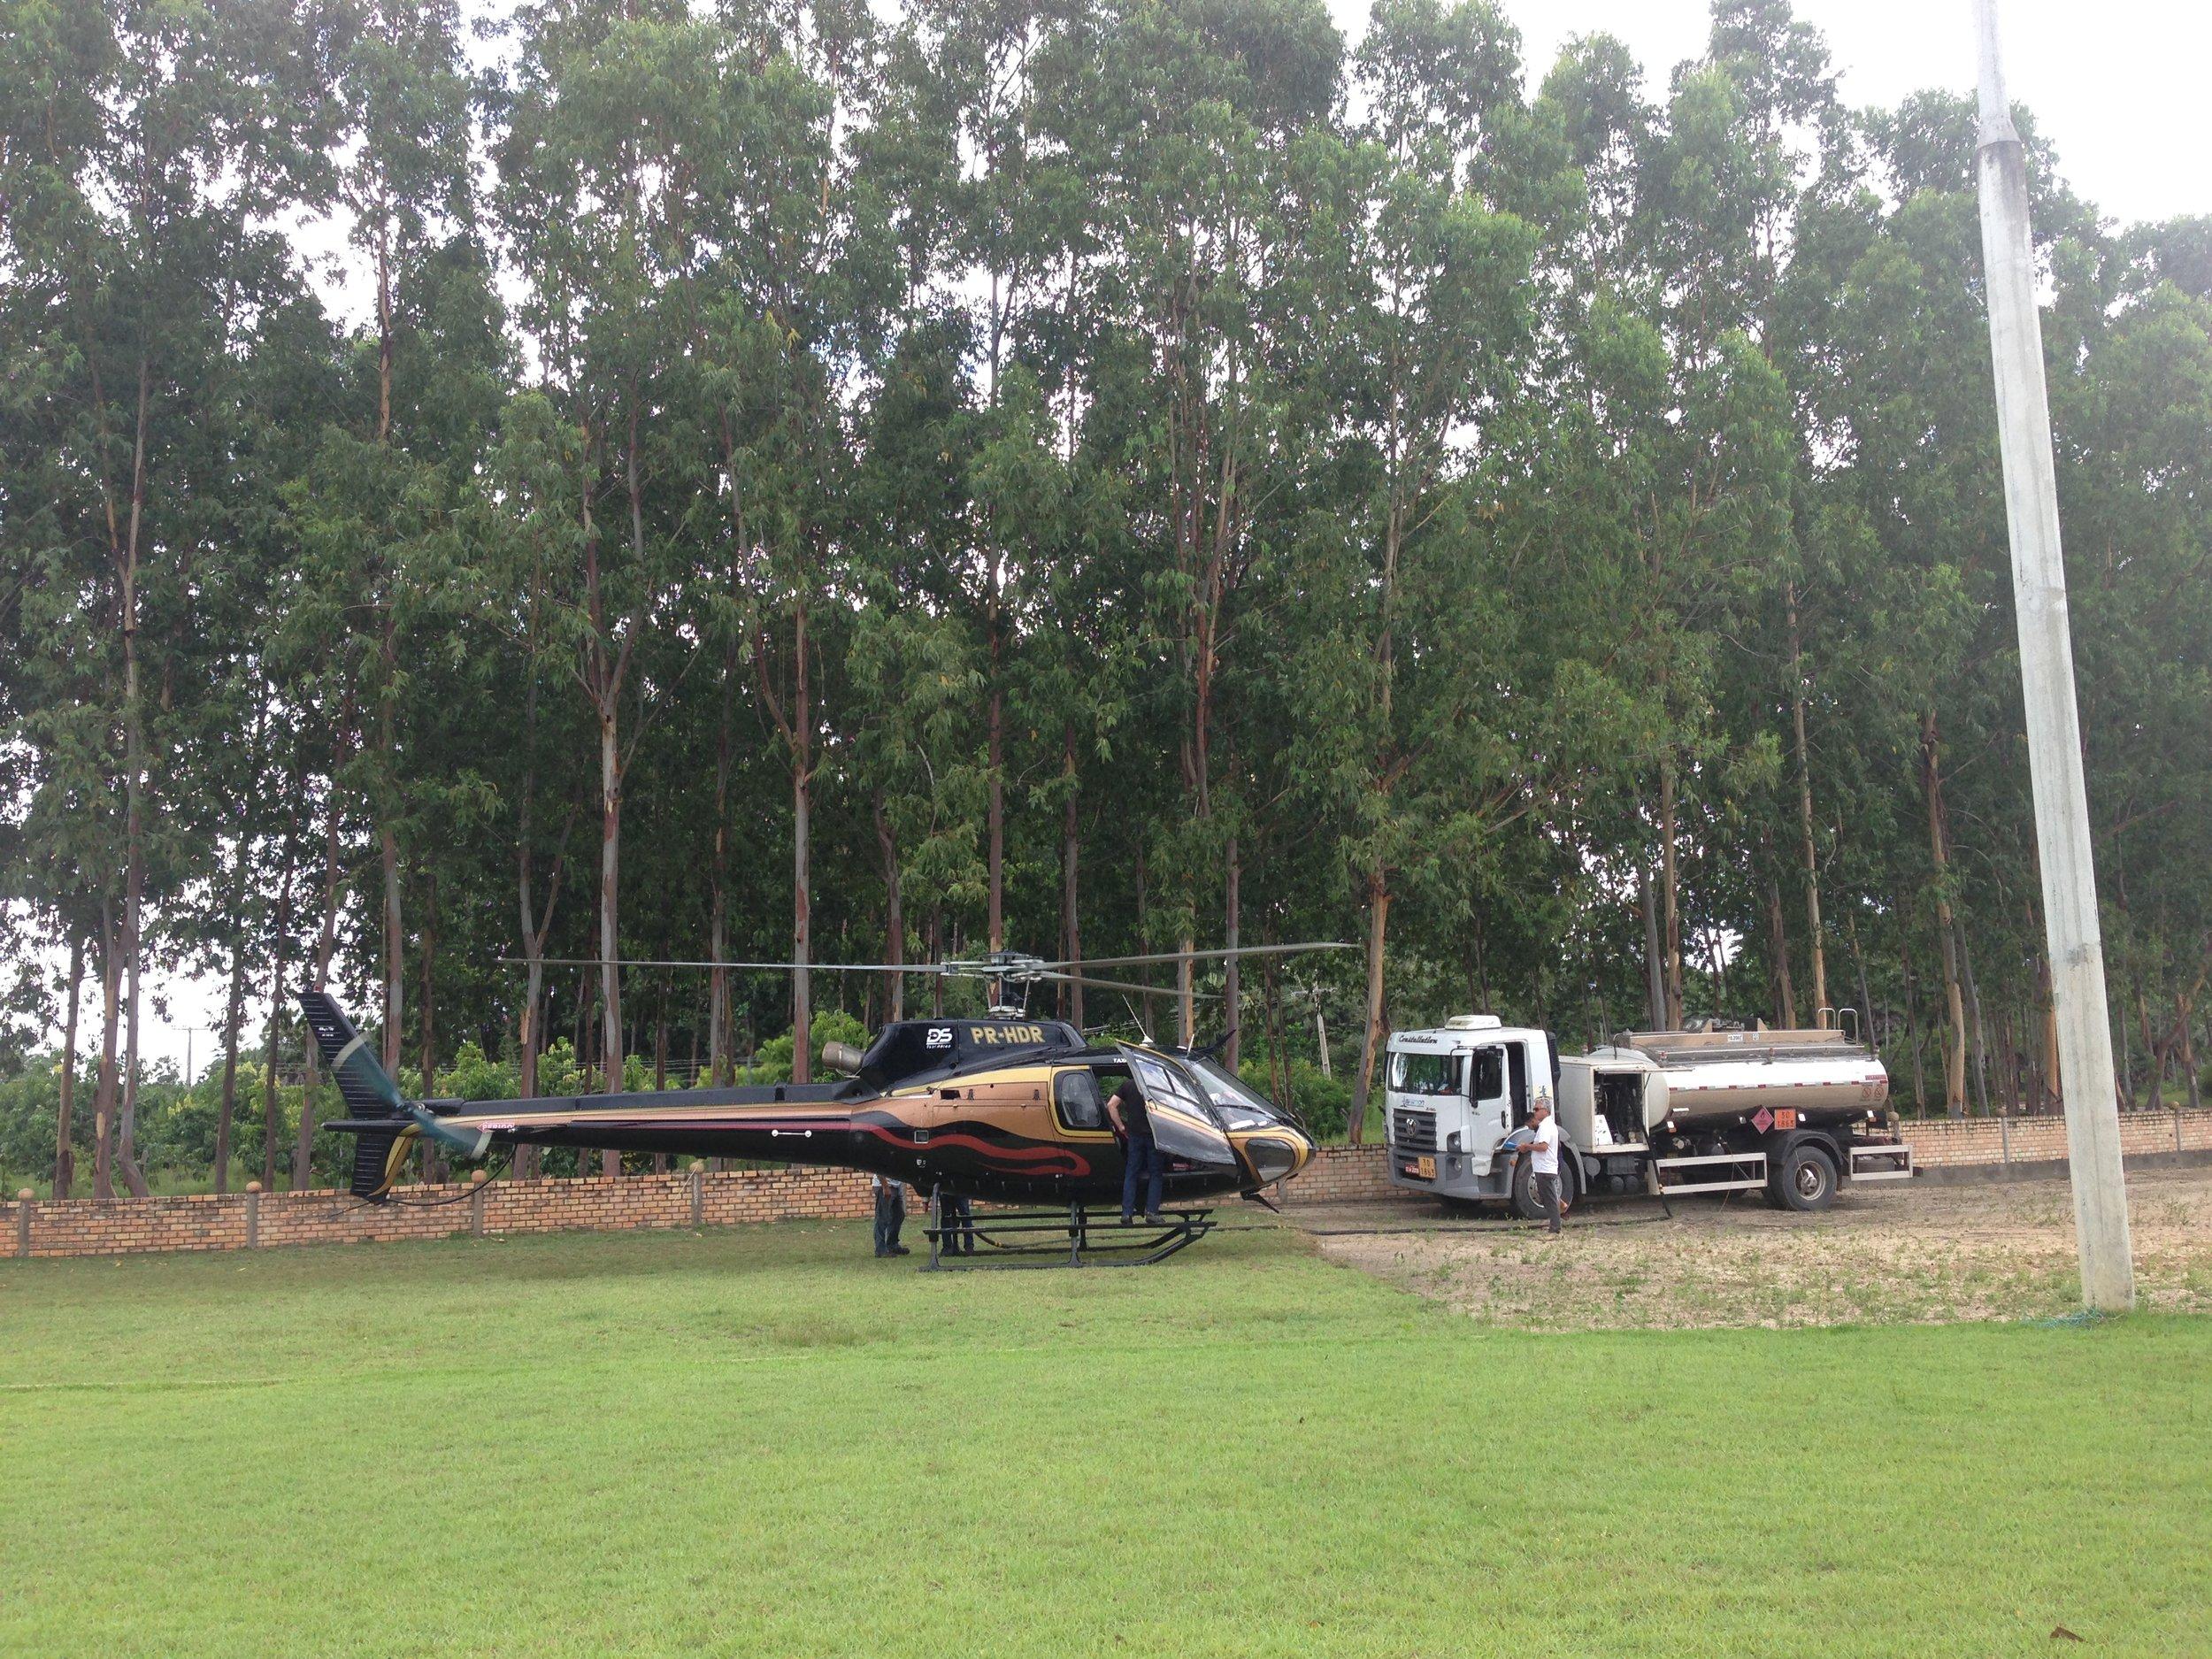 Abastecimento do helicóptero.